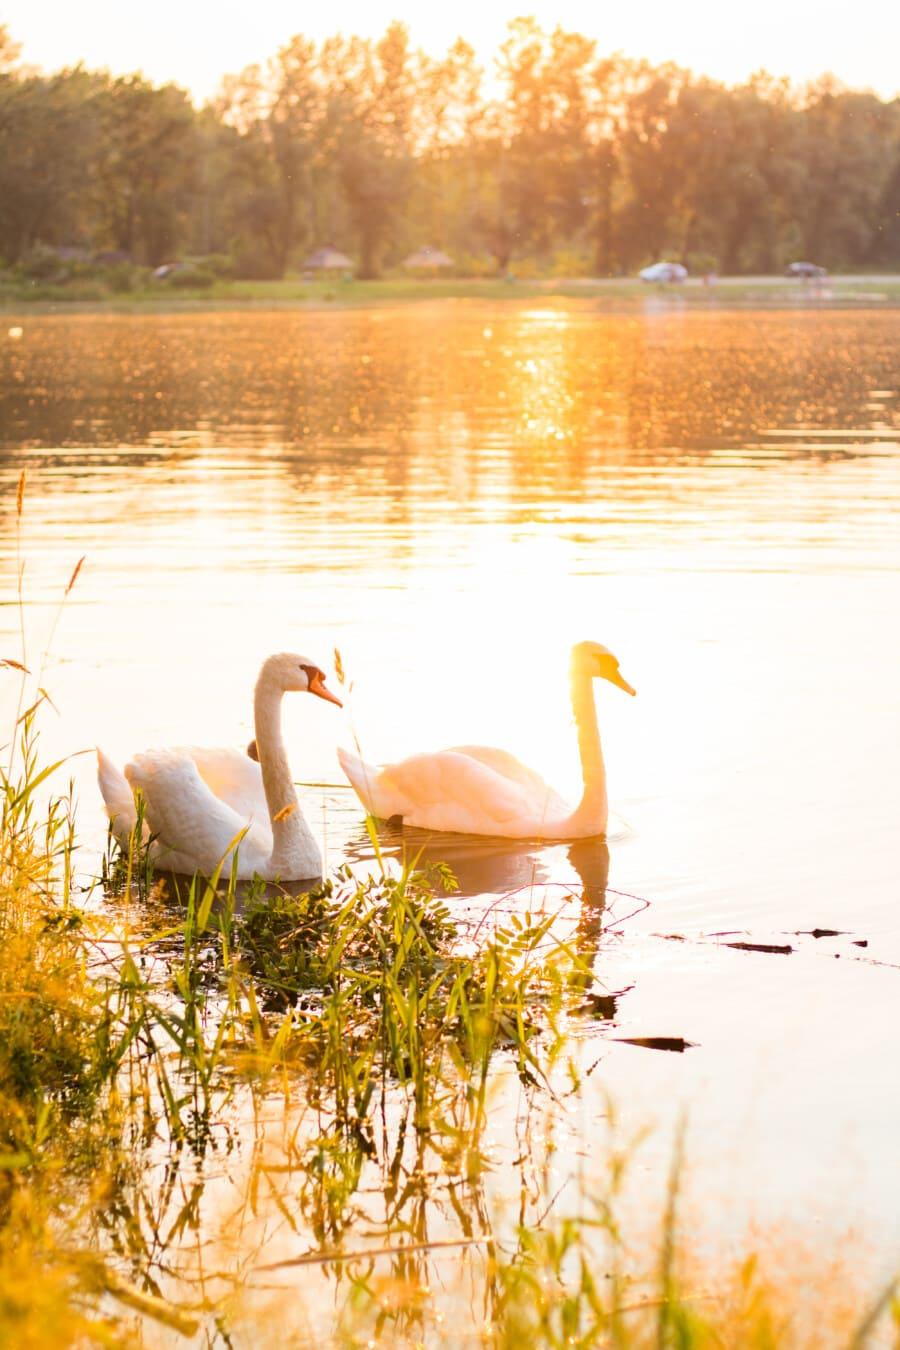 oiseaux, cygne, lumière du soleil, rayons de soleil, au bord du lac, Lac, nature, eau, réflexion, coucher de soleil